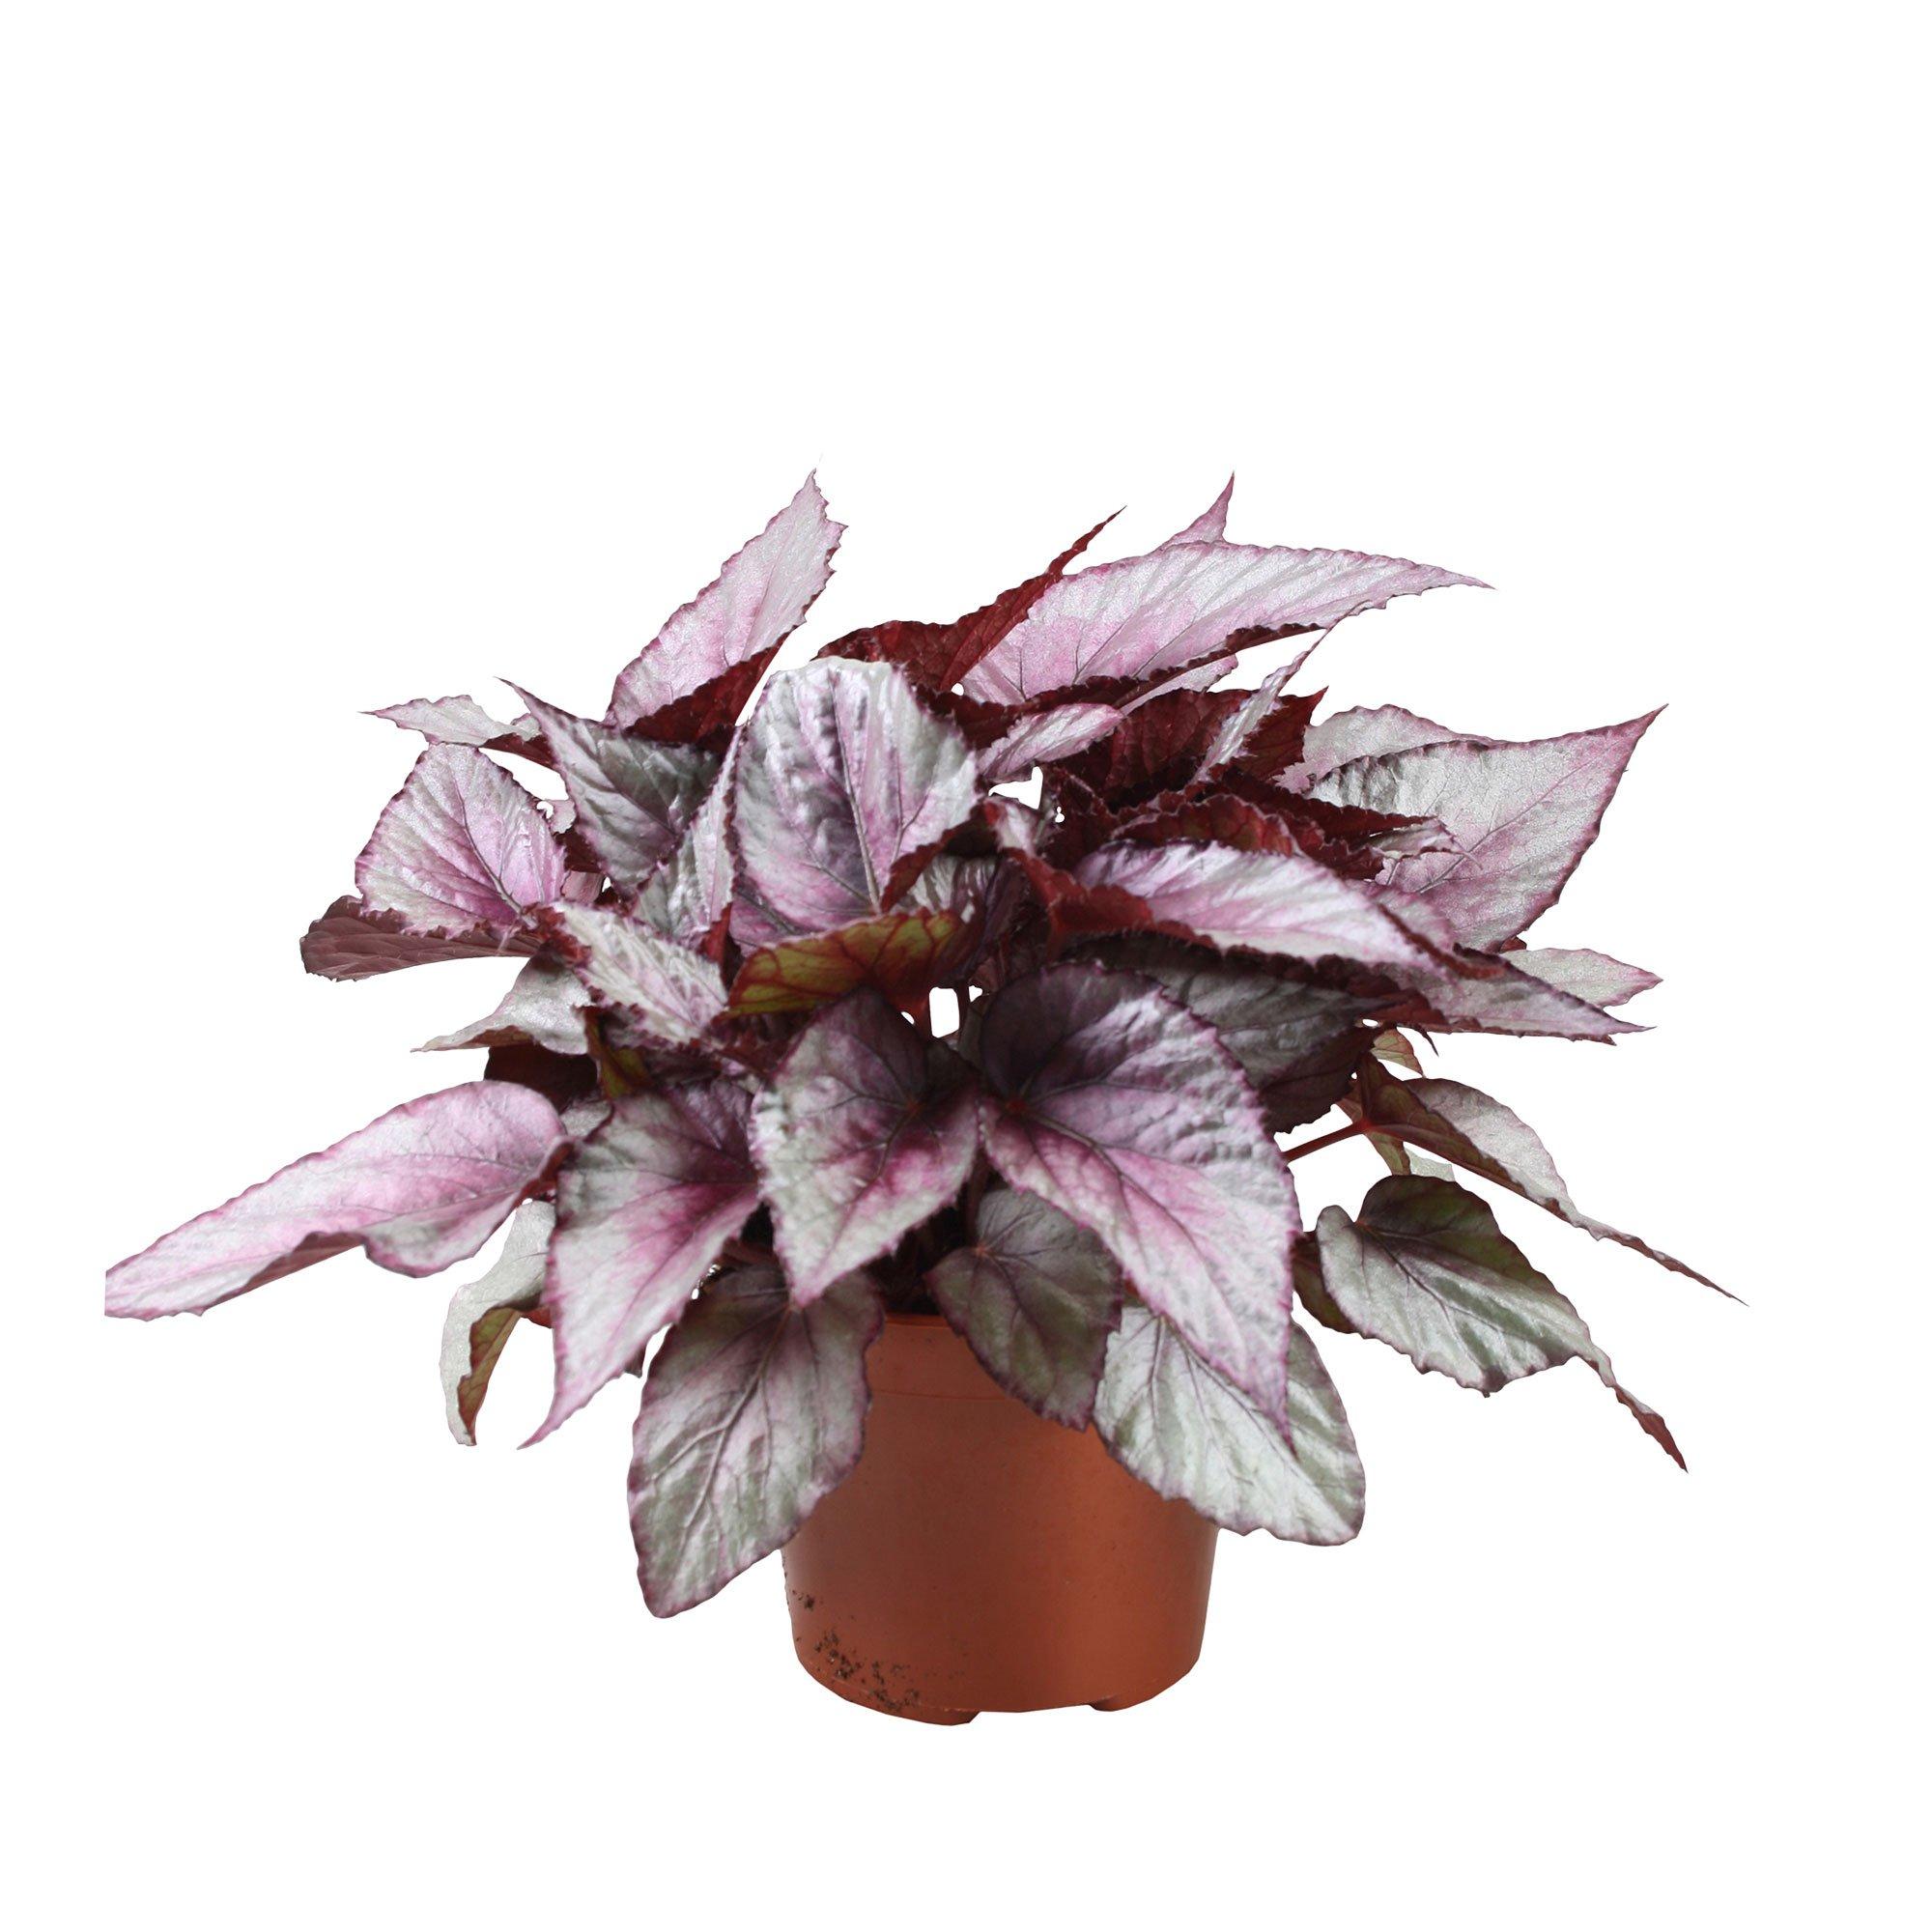 Begonia - Metallic Begonia